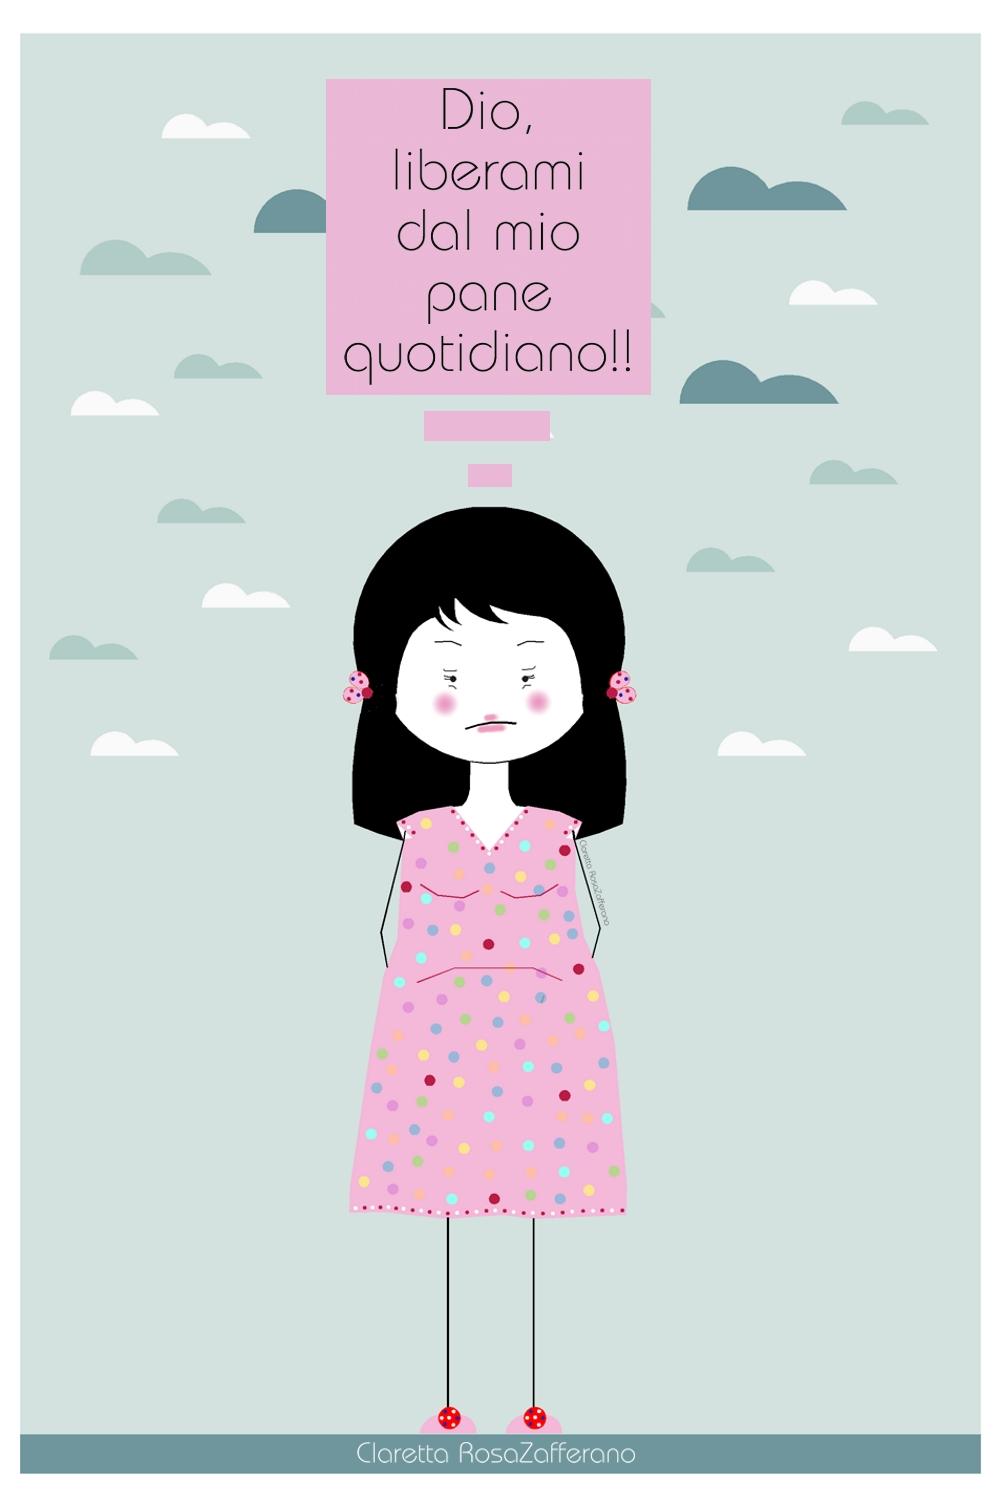 Pancia gonfia o grasso addominale, Claretta RosaZafferano